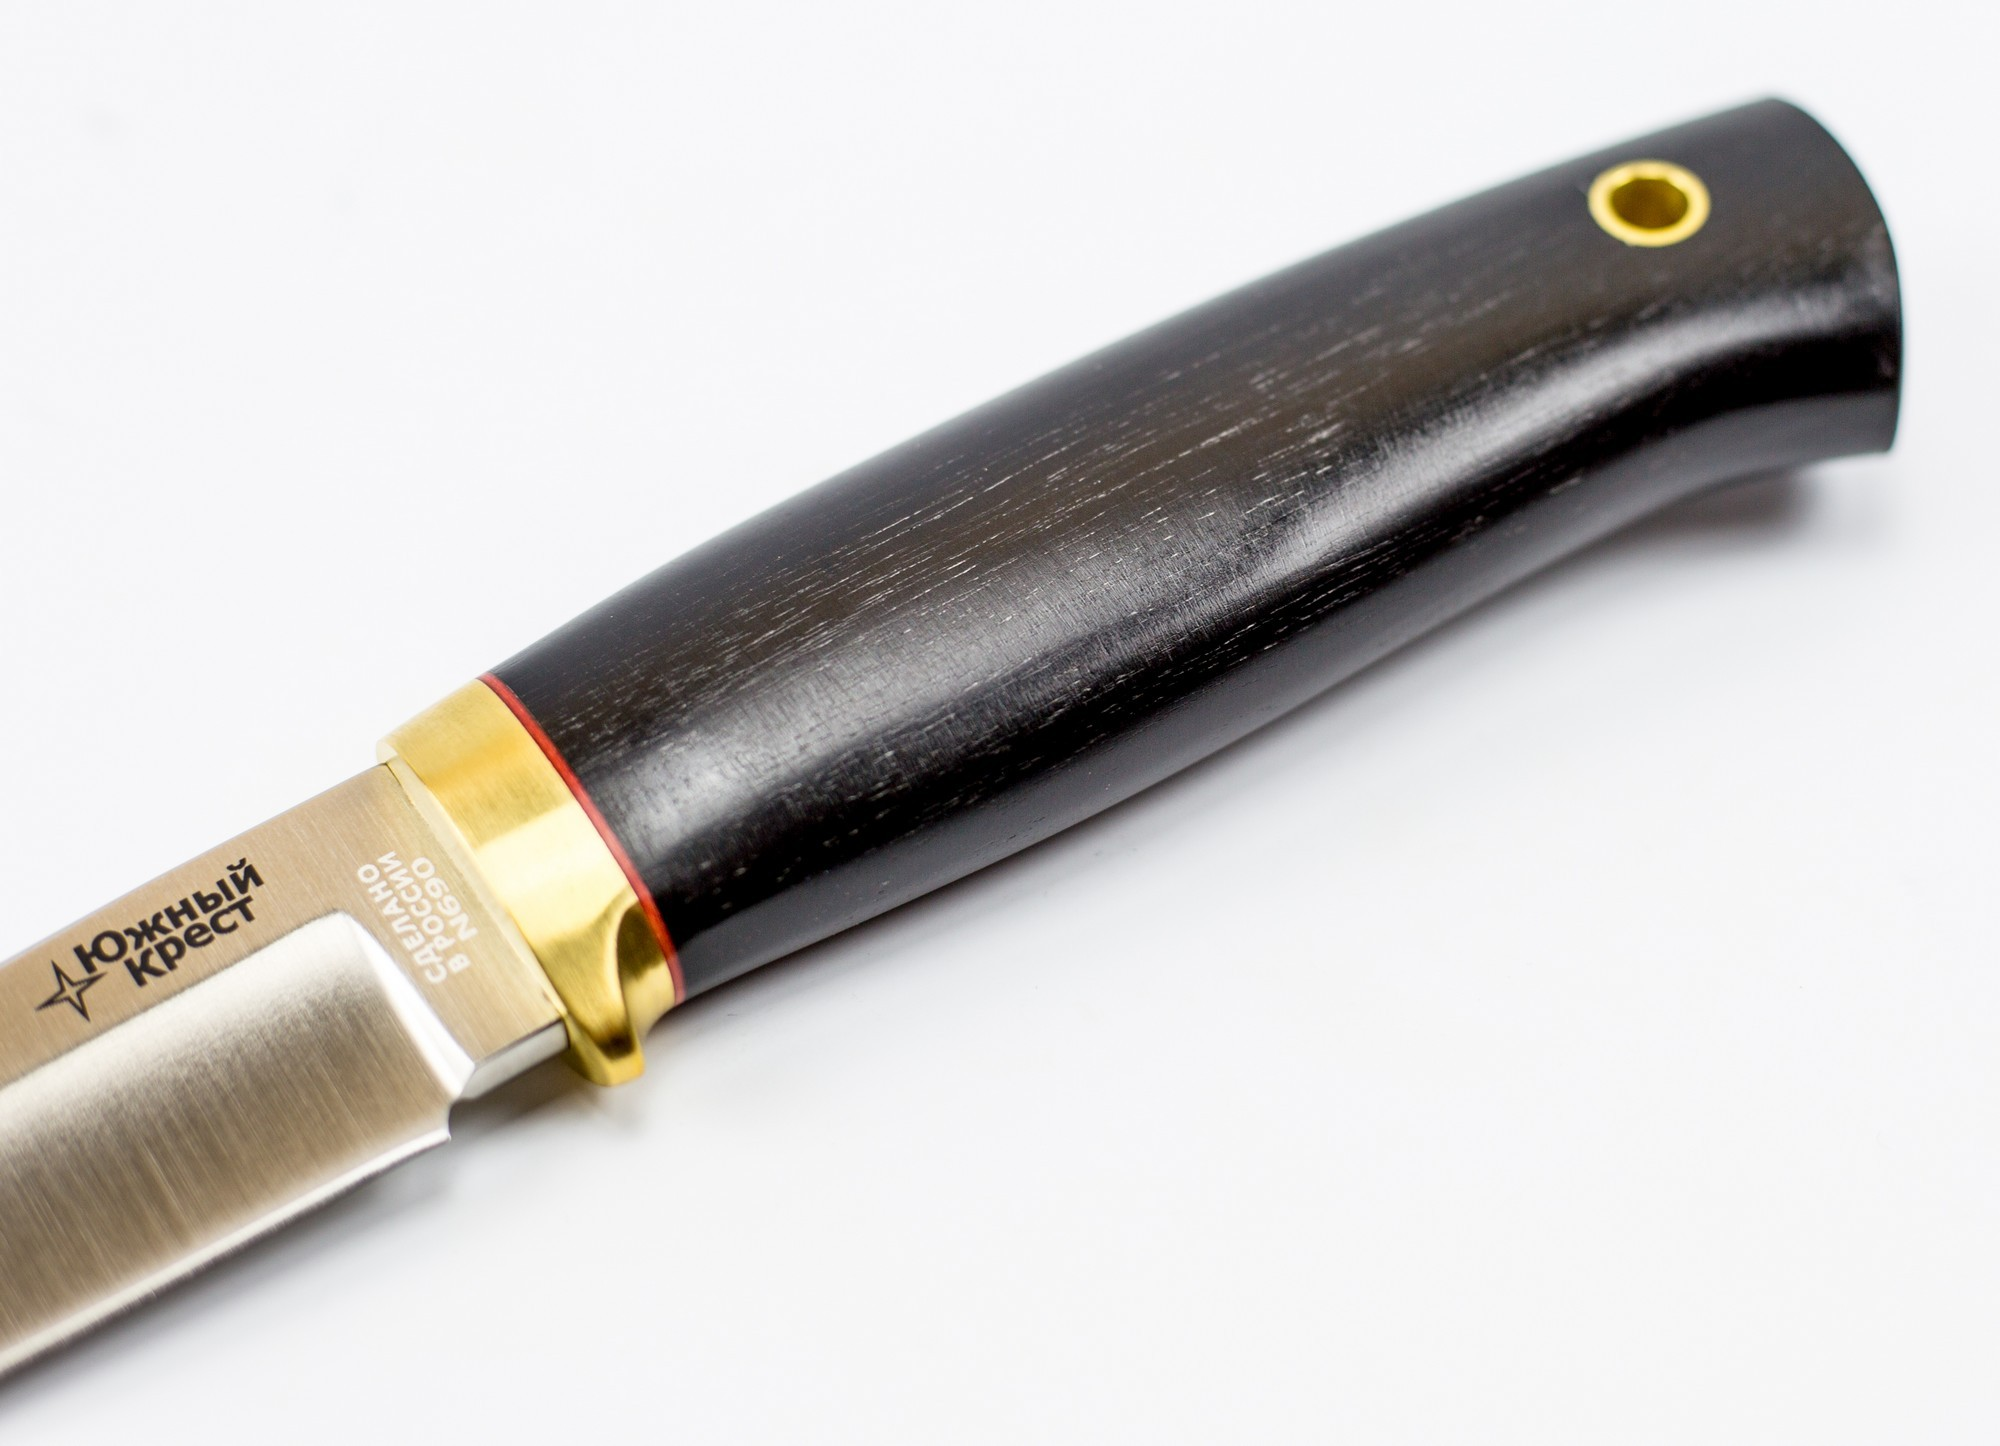 Фото 11 - Нож универсальный Боровой М, N690, Южный Крест, граб